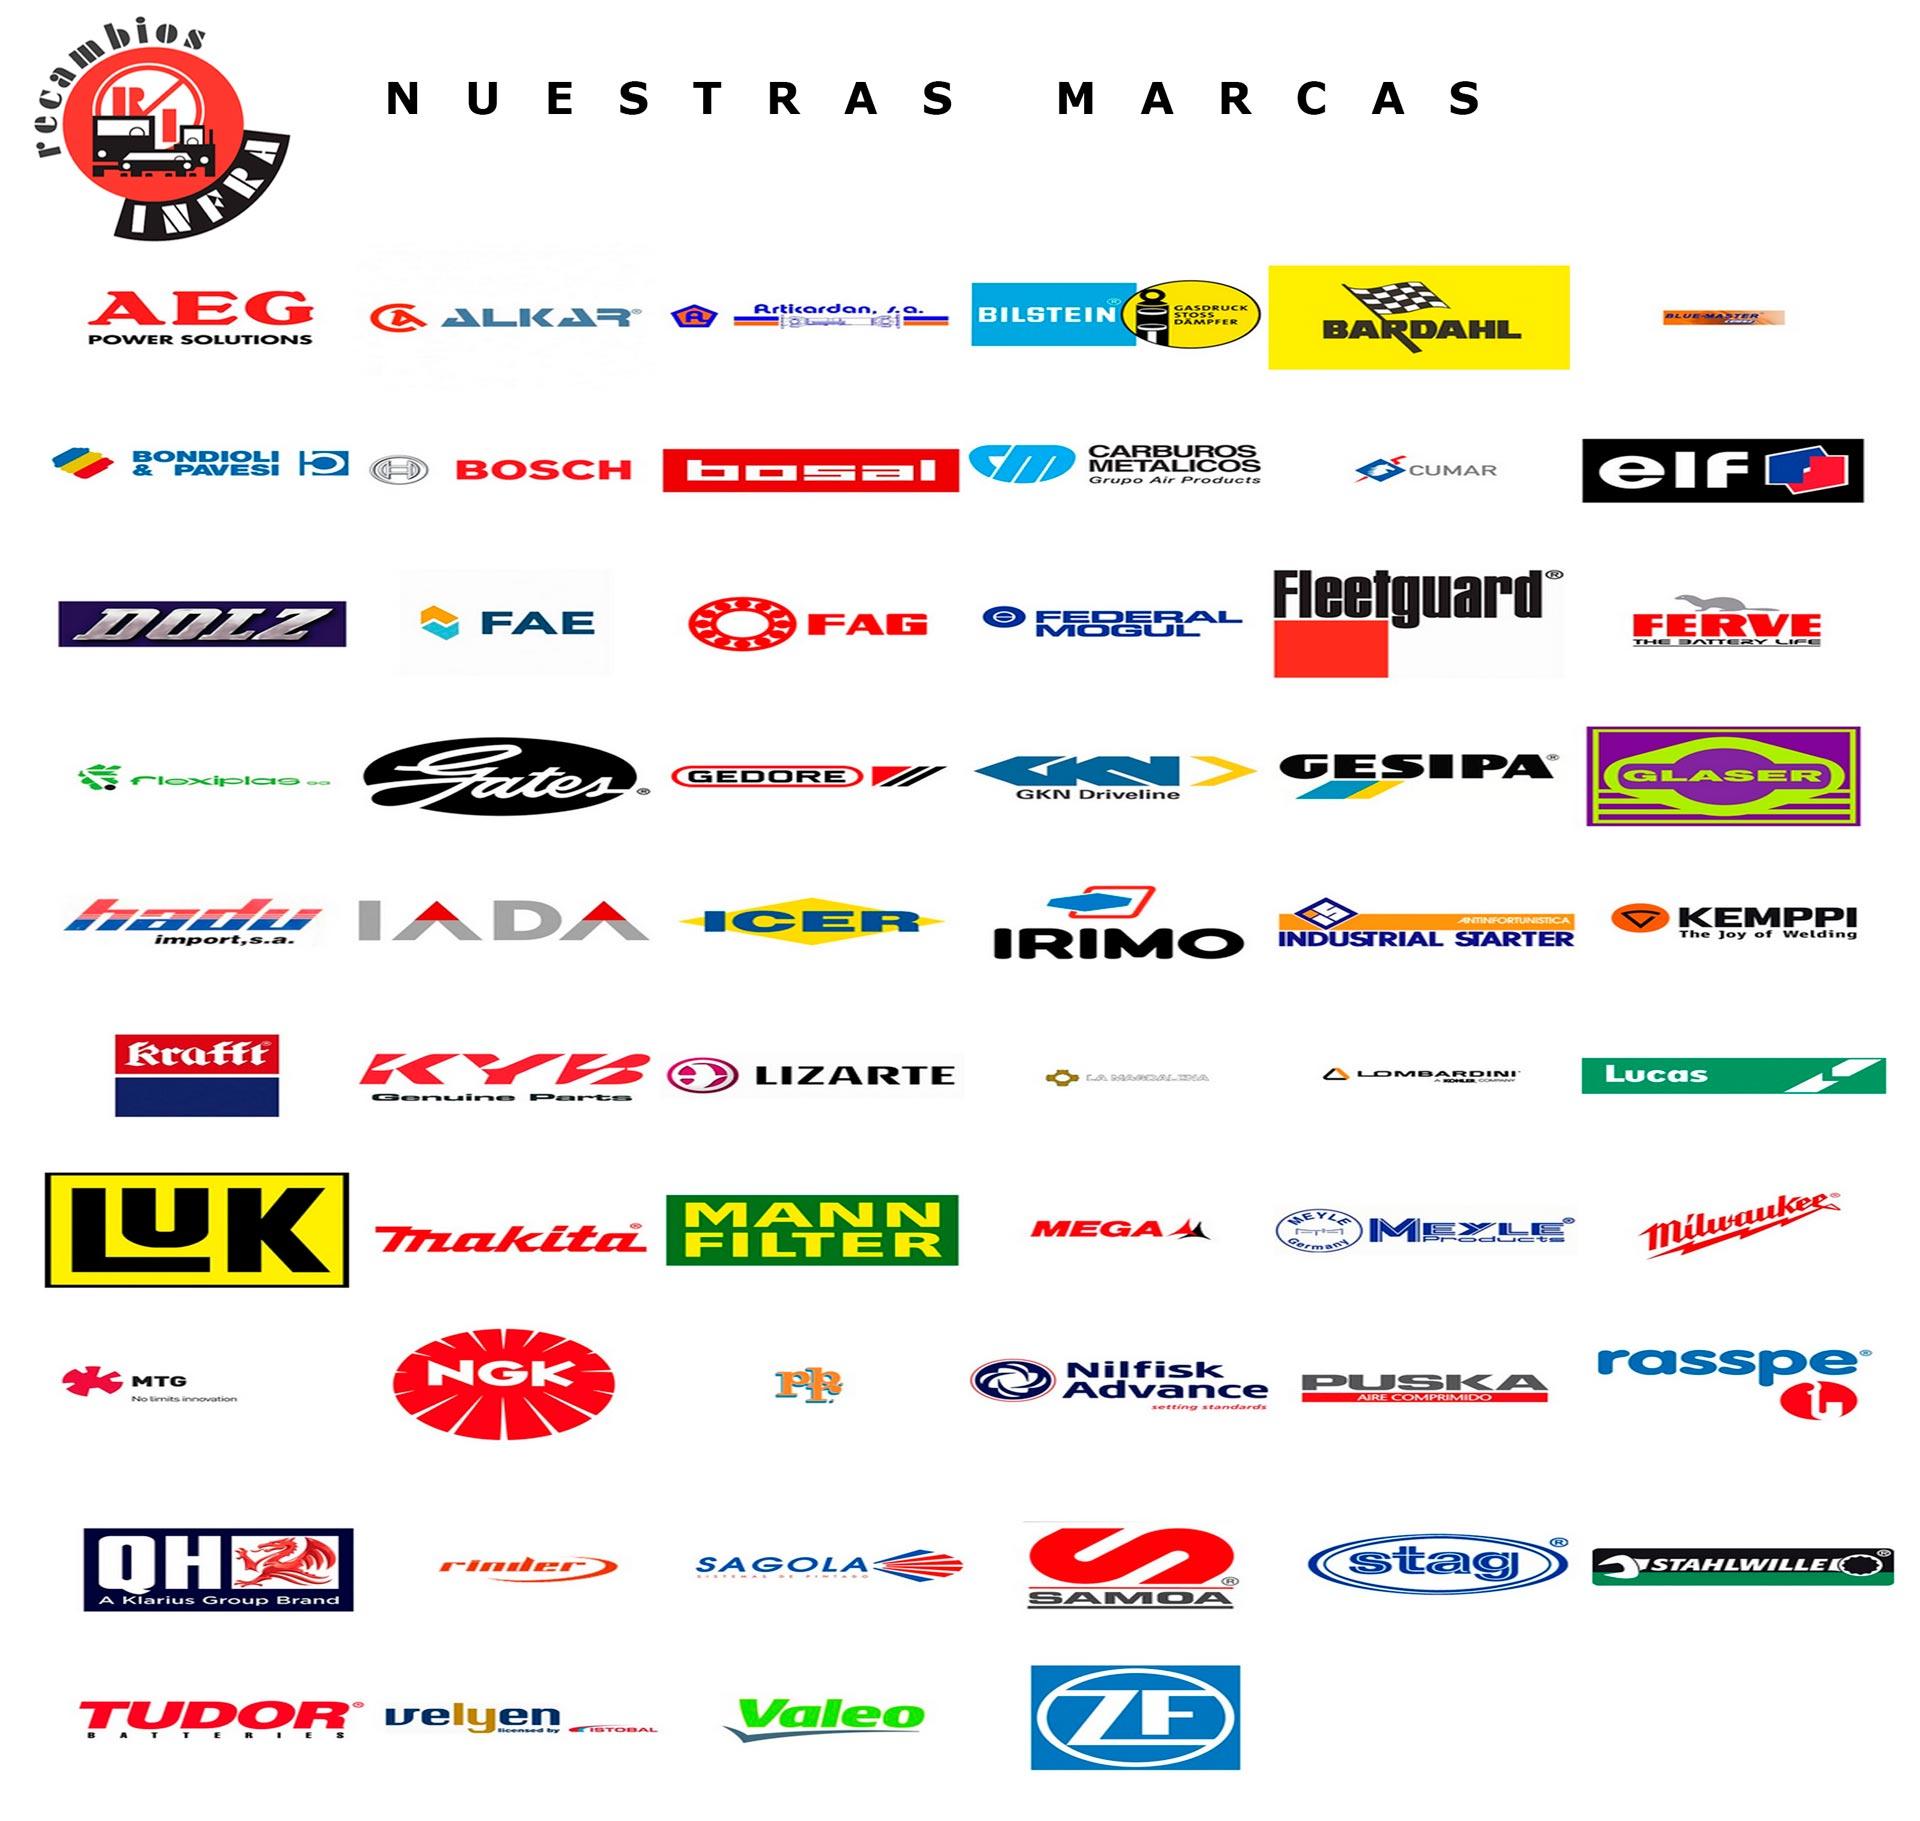 nuestras-marcas-1920